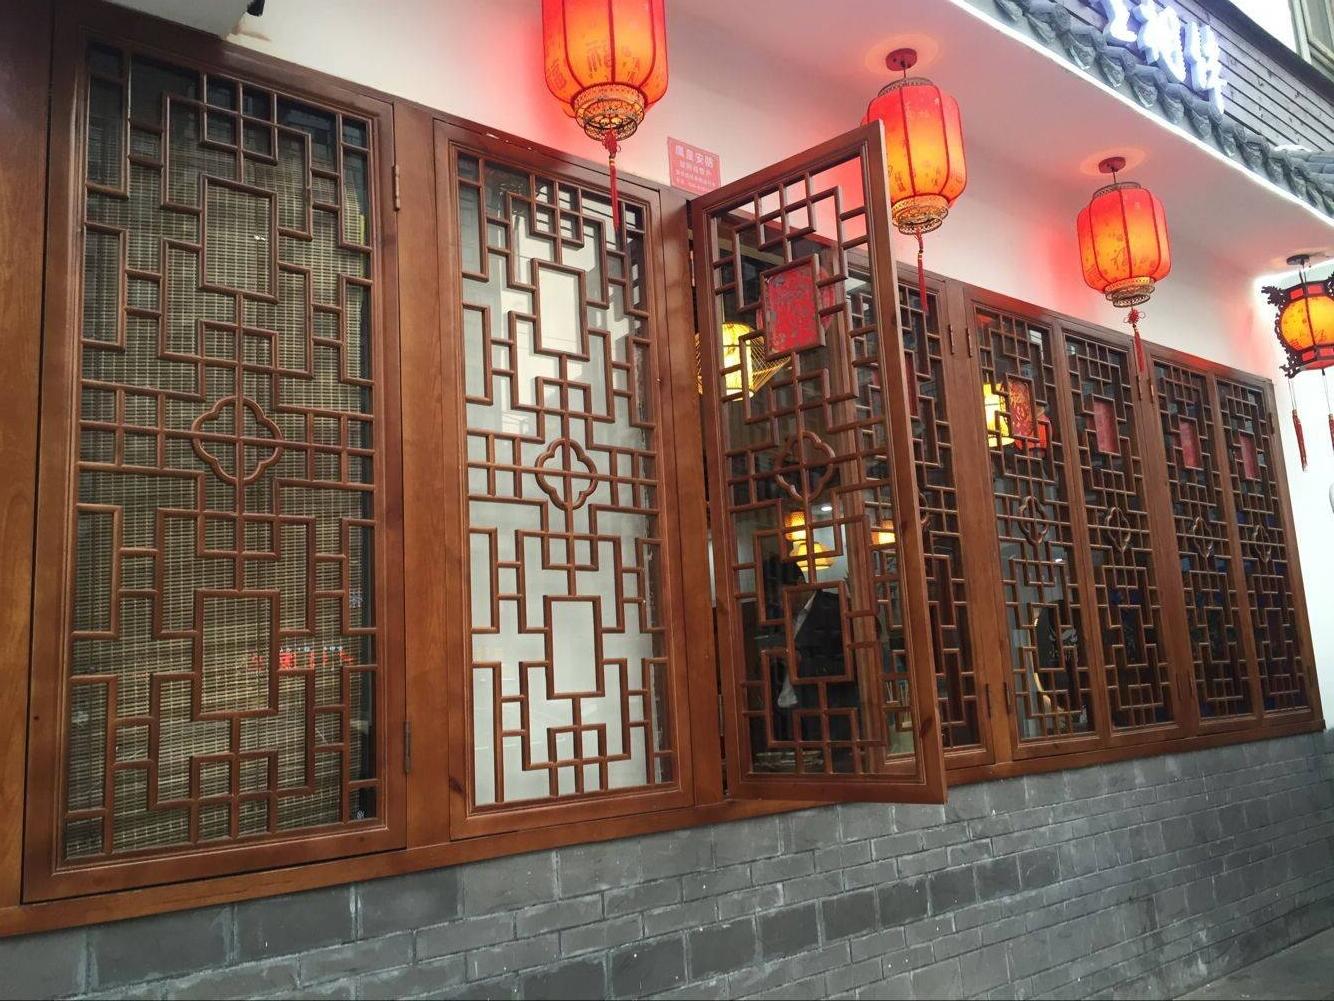 贵州大型仿古窗做法_仿古窗出售相关-成都市成华区顺隆装饰材料经营部